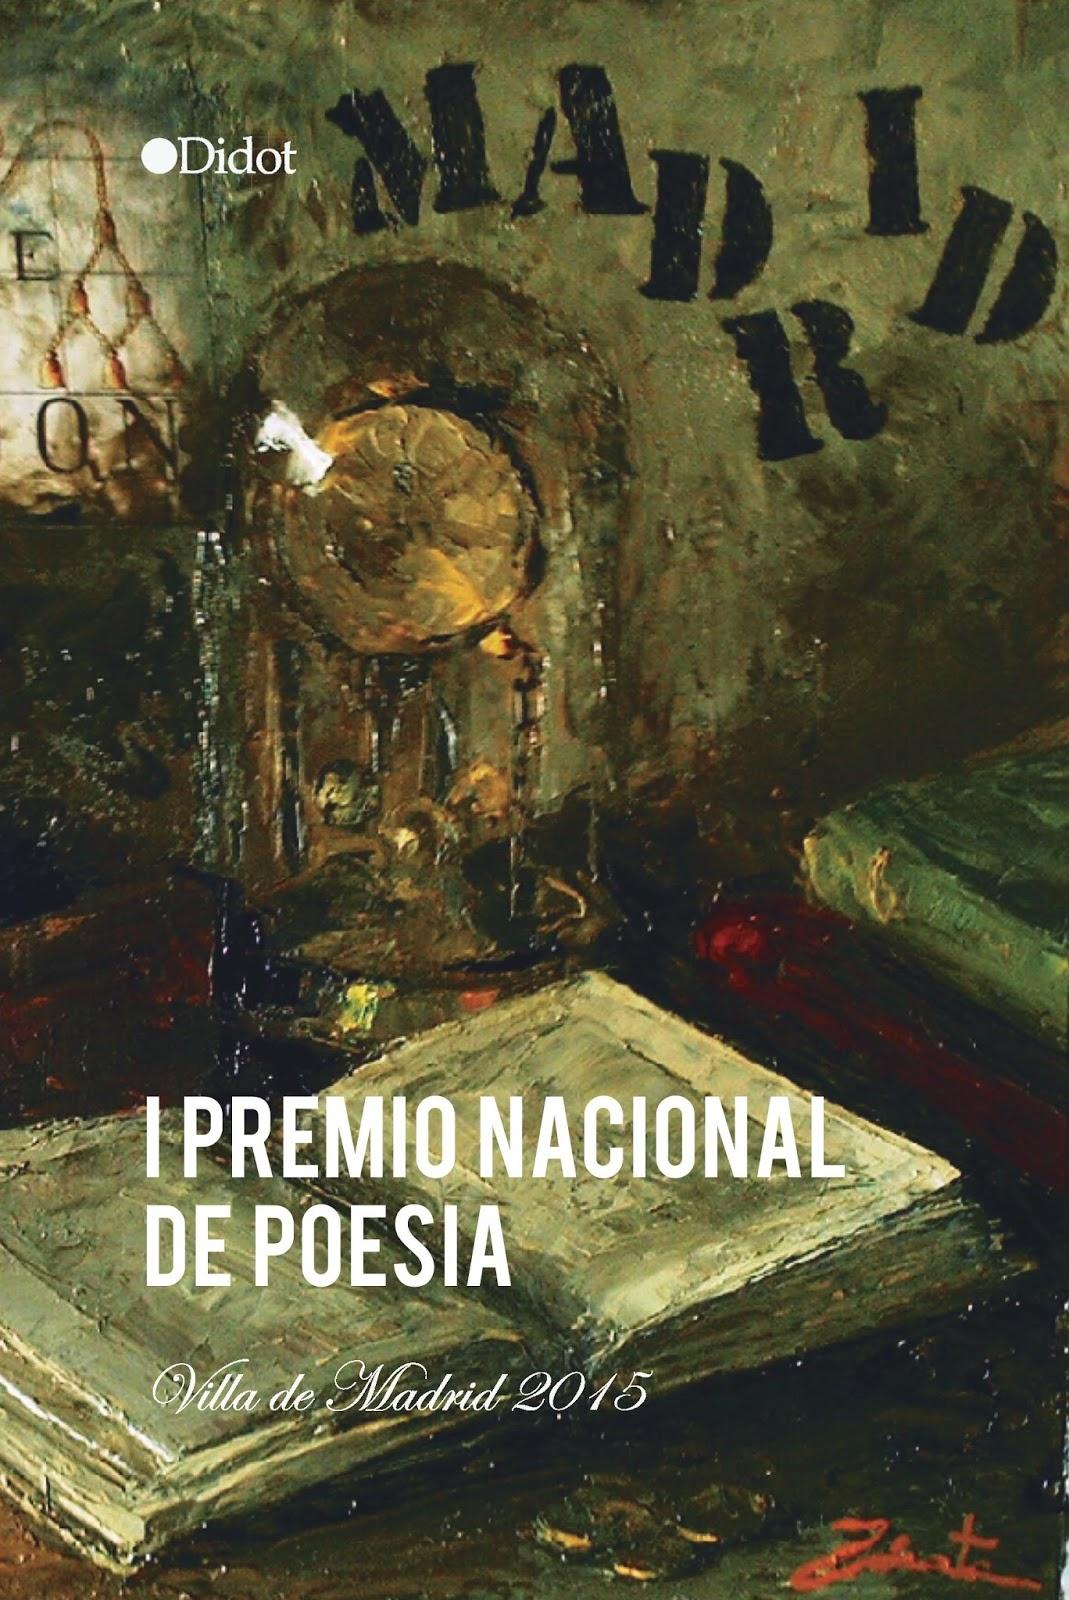 Portada libro del I Premio Nacional de Poesía Villa de Madrid 2015